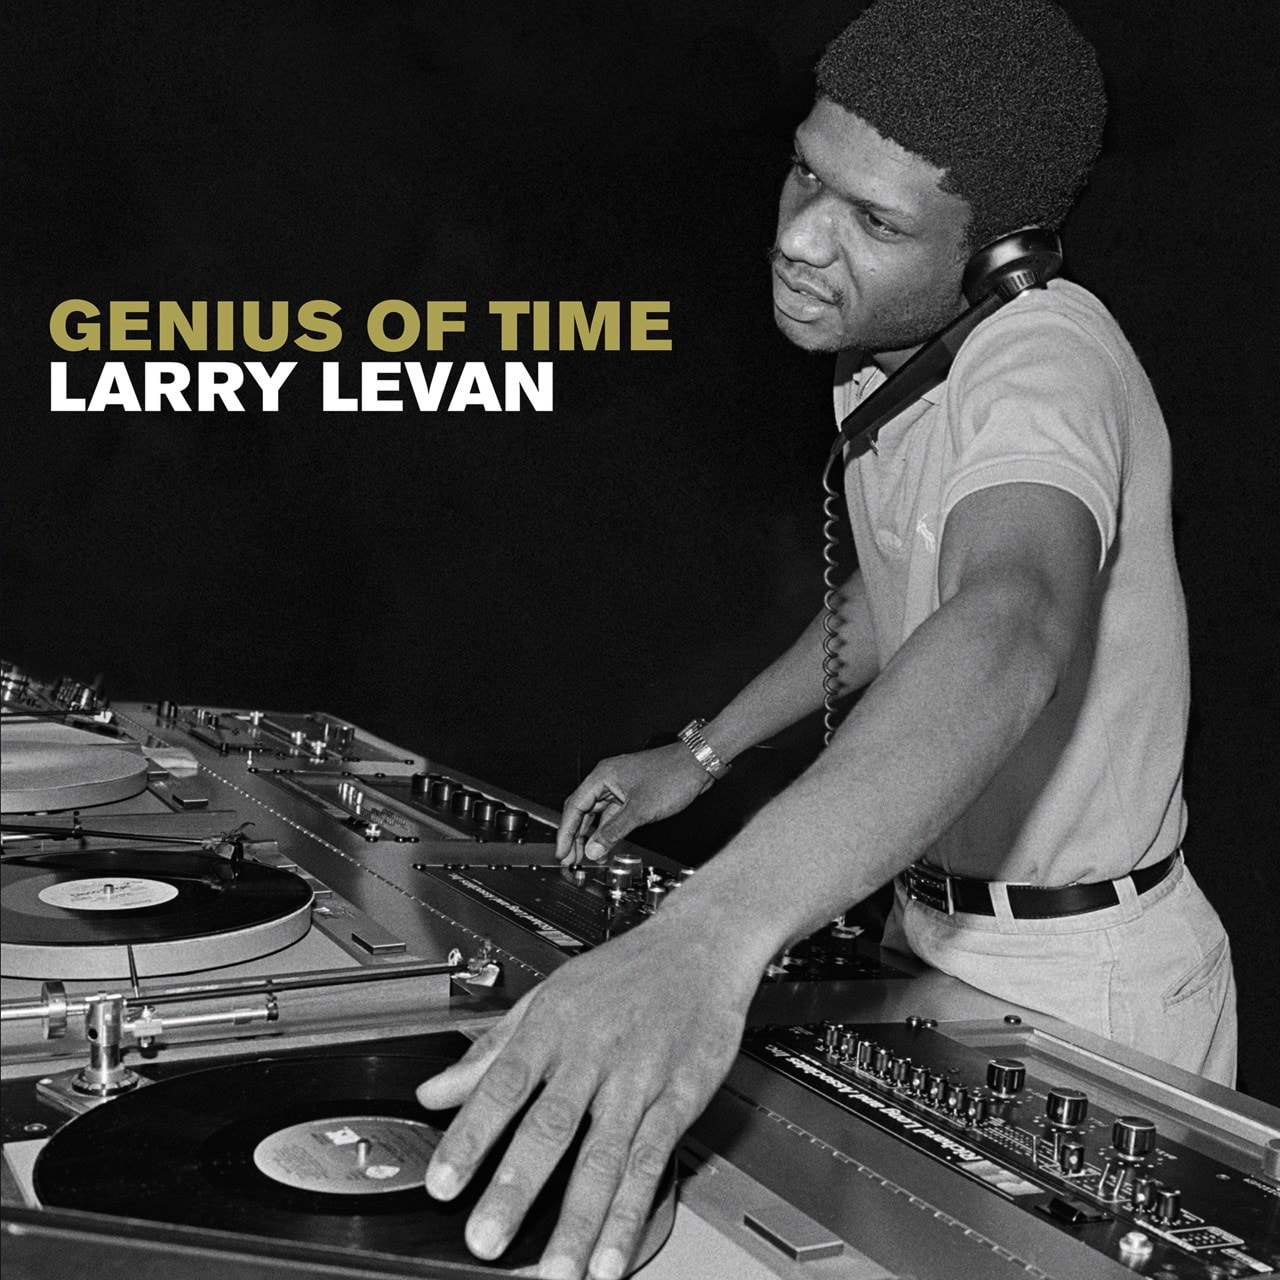 Genius of Time: Larry Levan - 1